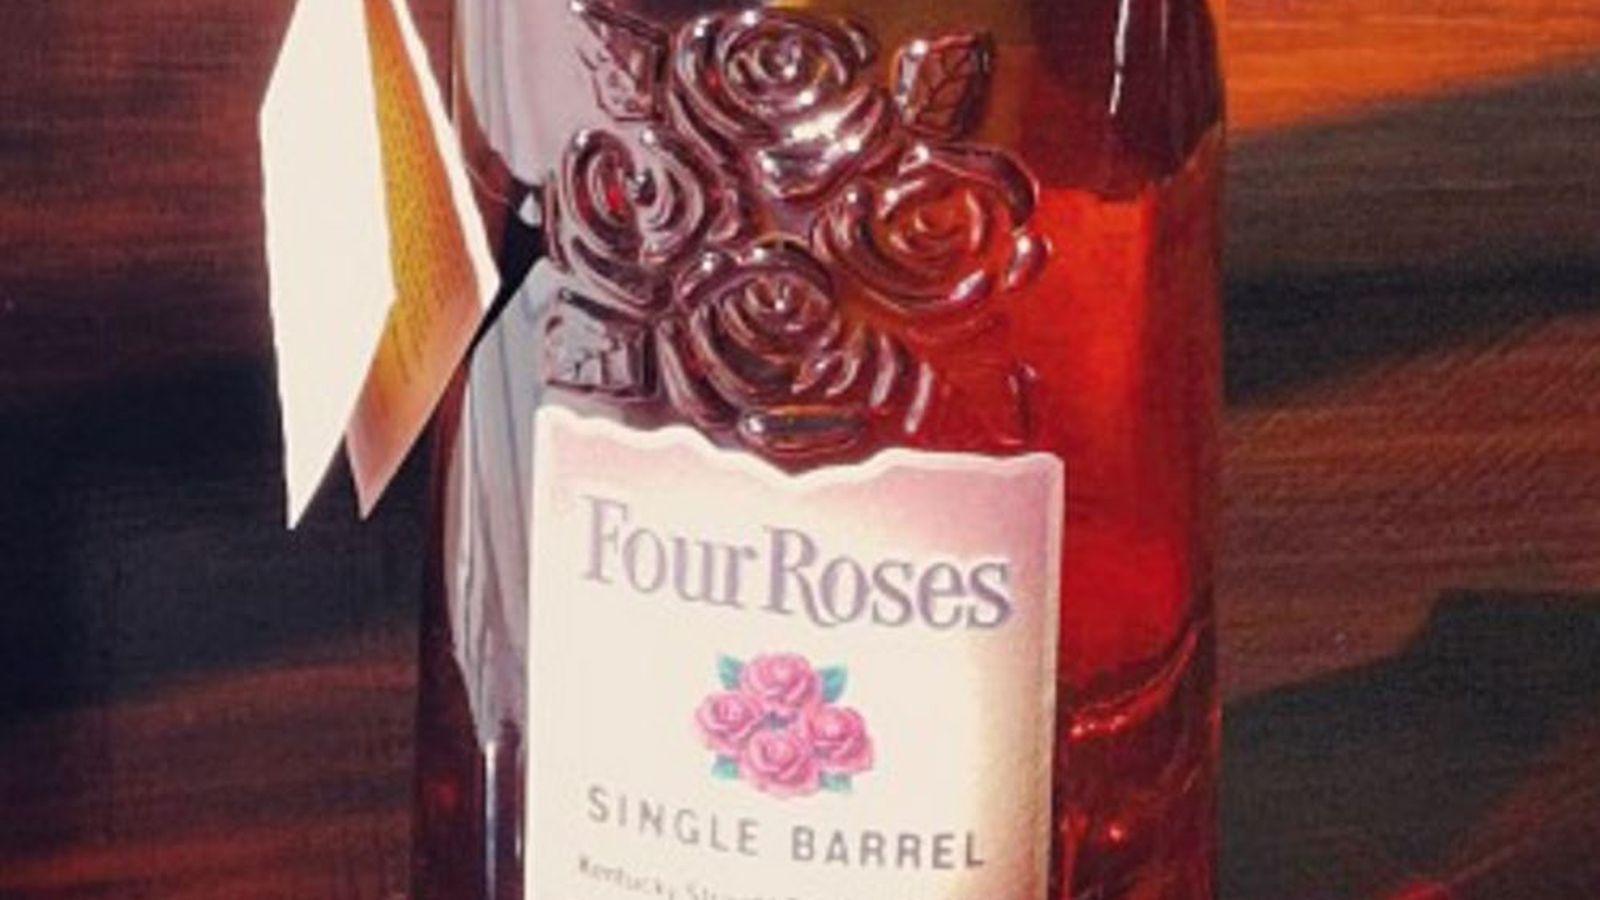 Fourroses.0.0